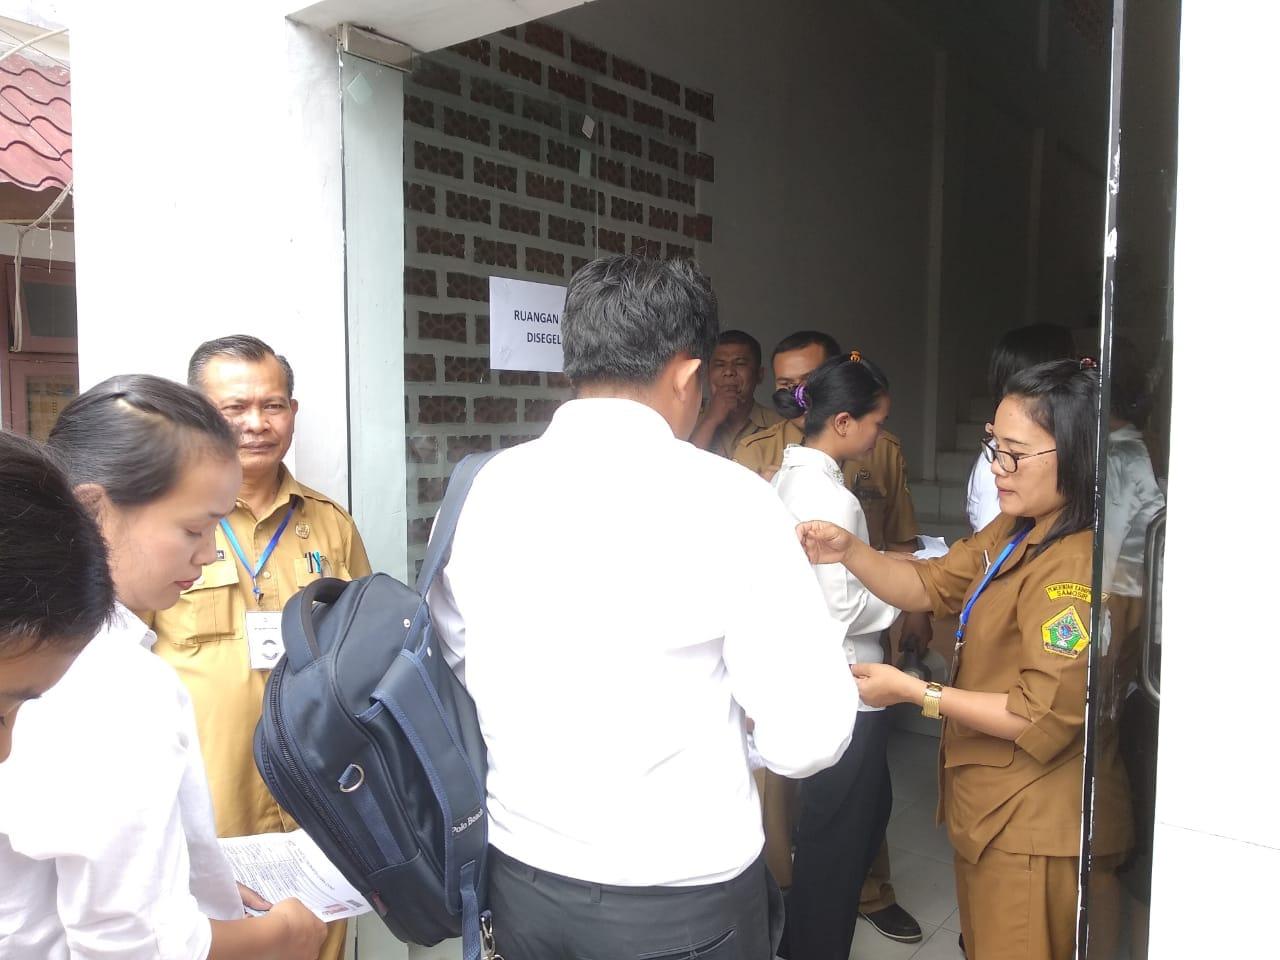 Foto : pemeriksaan para peserta oleh panitia pelaksana ujian CPNS Kabupaten Samosir sebelum memasuki ruangan ujian di aula dinas pendidikan Samosir